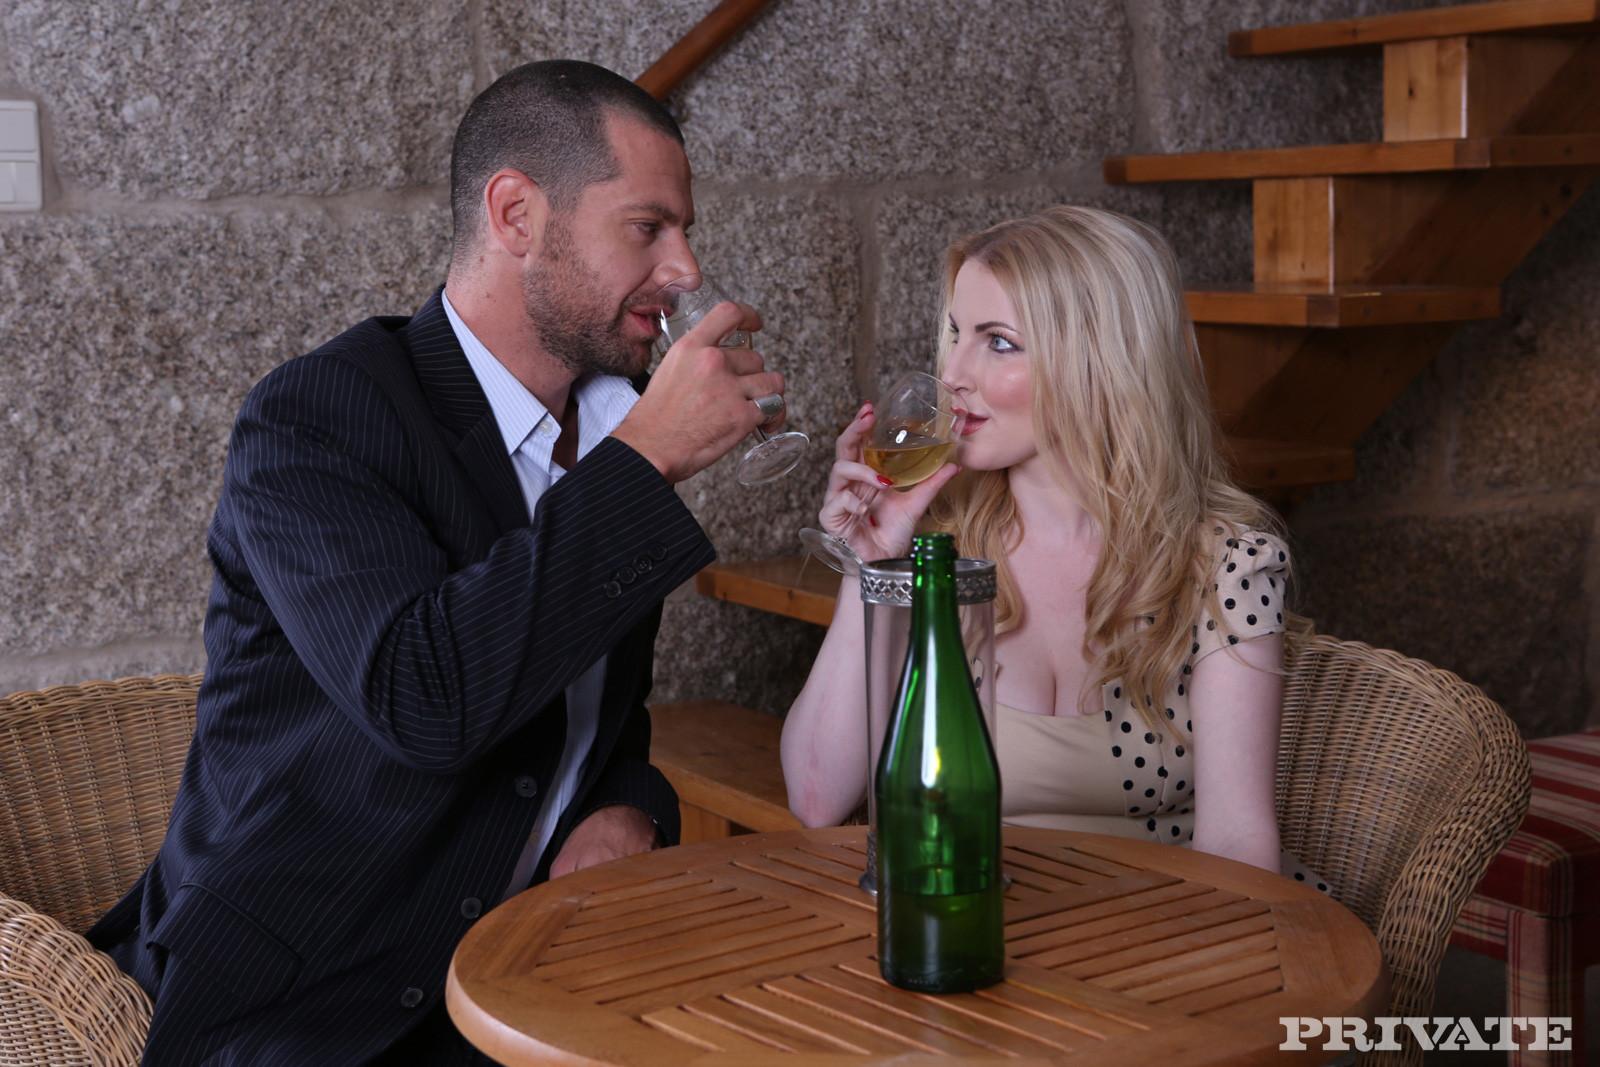 Бледная француженка перепихнулась с богатым мужчиной